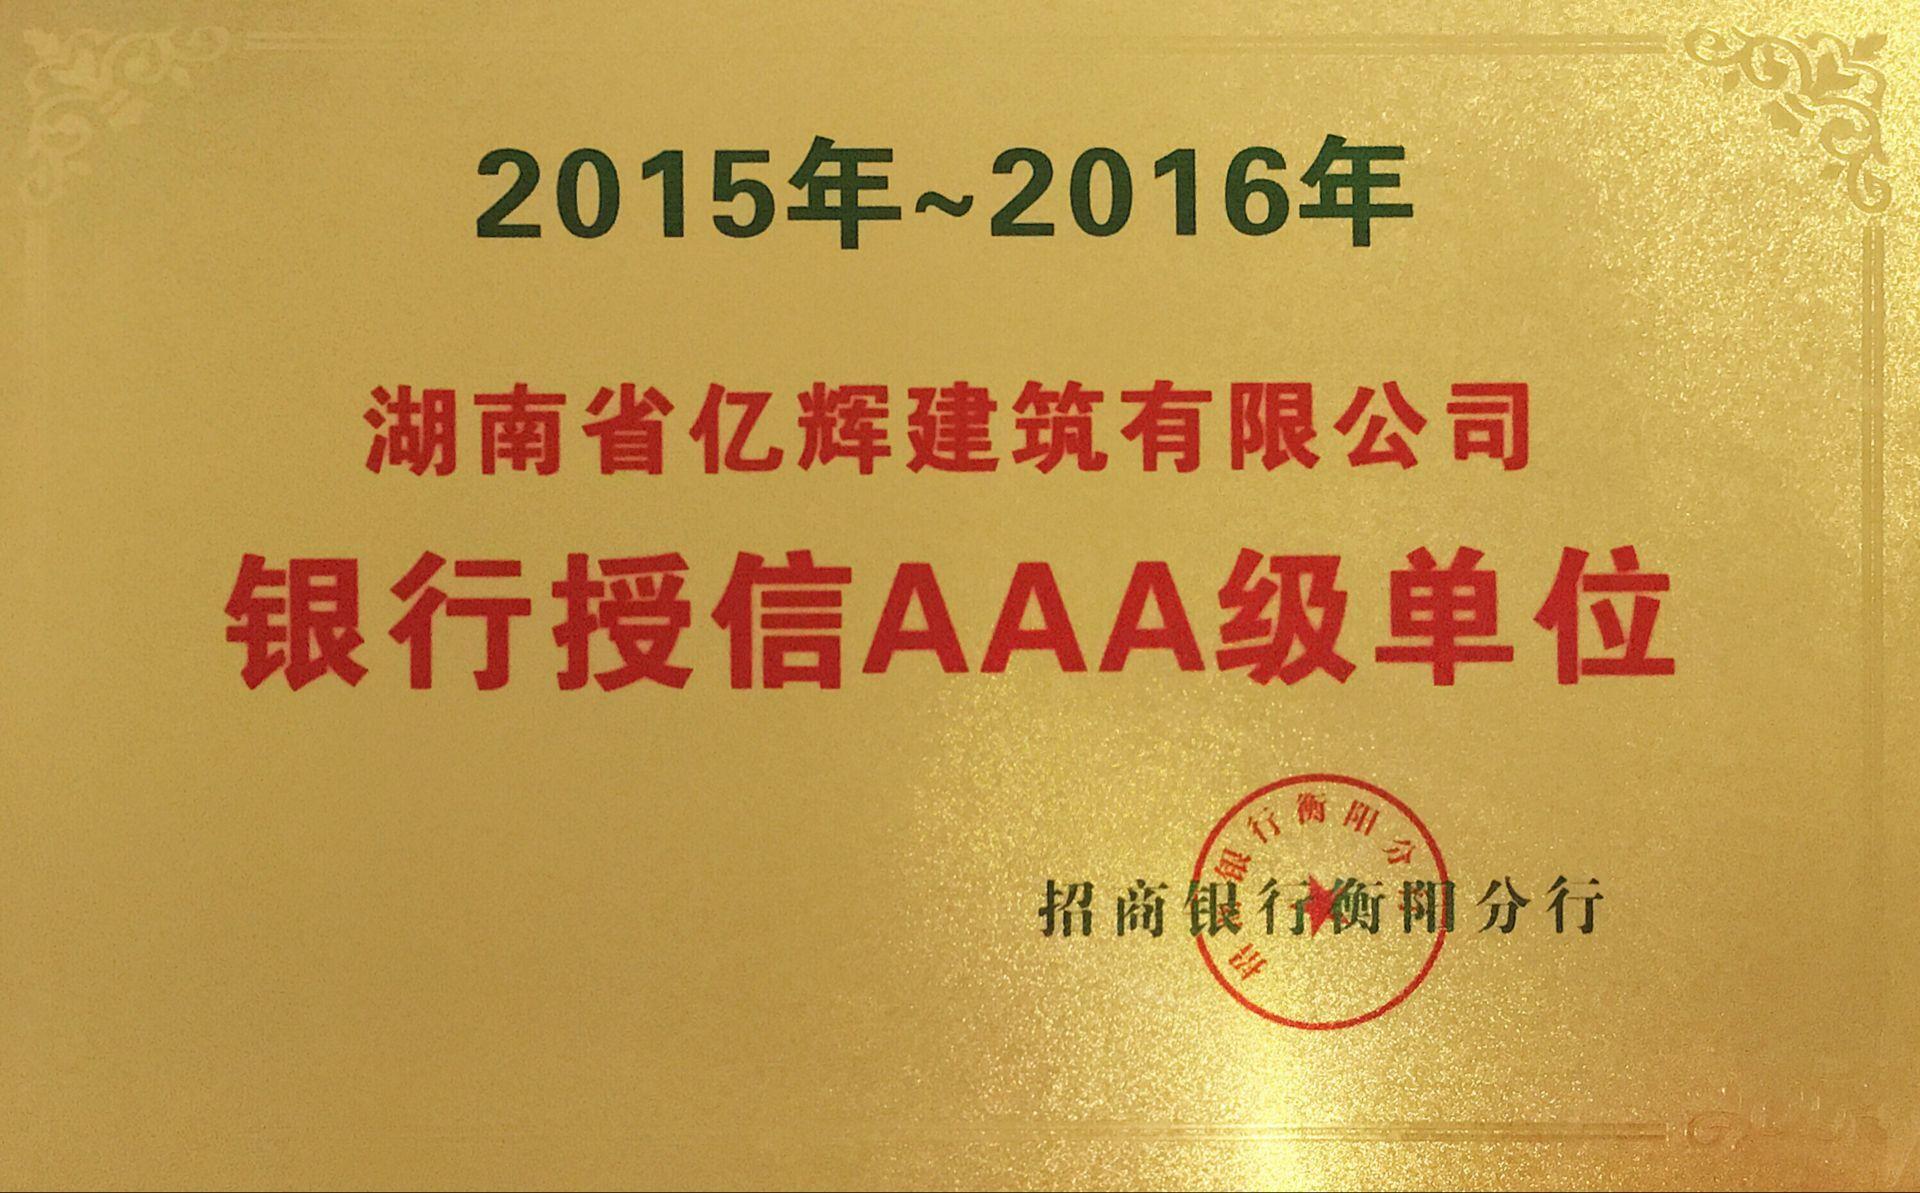 银行授信AAA级单位证书